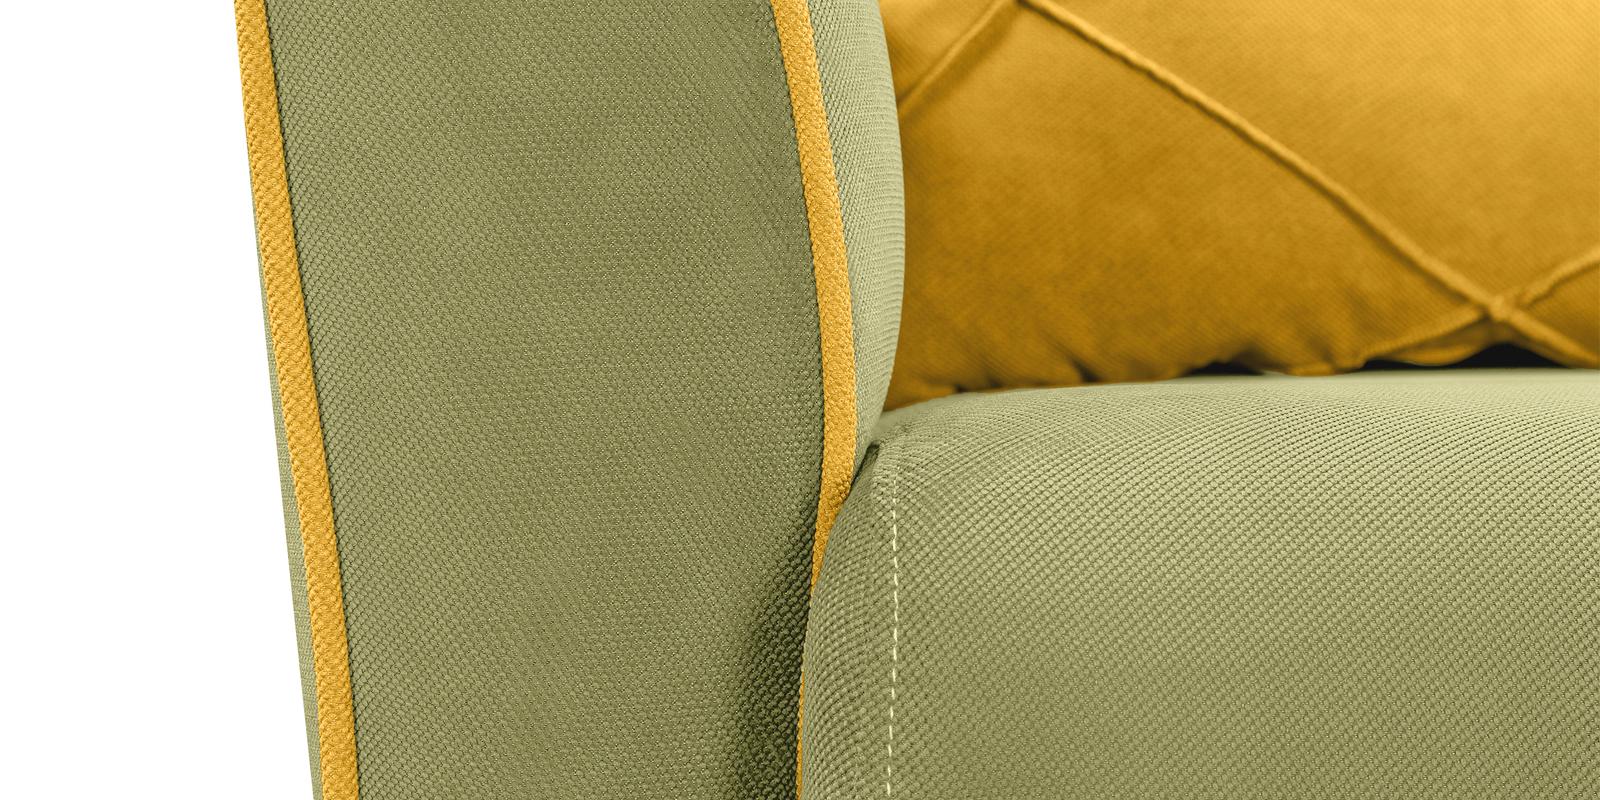 Кресло тканевое Флэтфорд Elegance фисташковый/желтый (Ткань) от HomeMe.ru